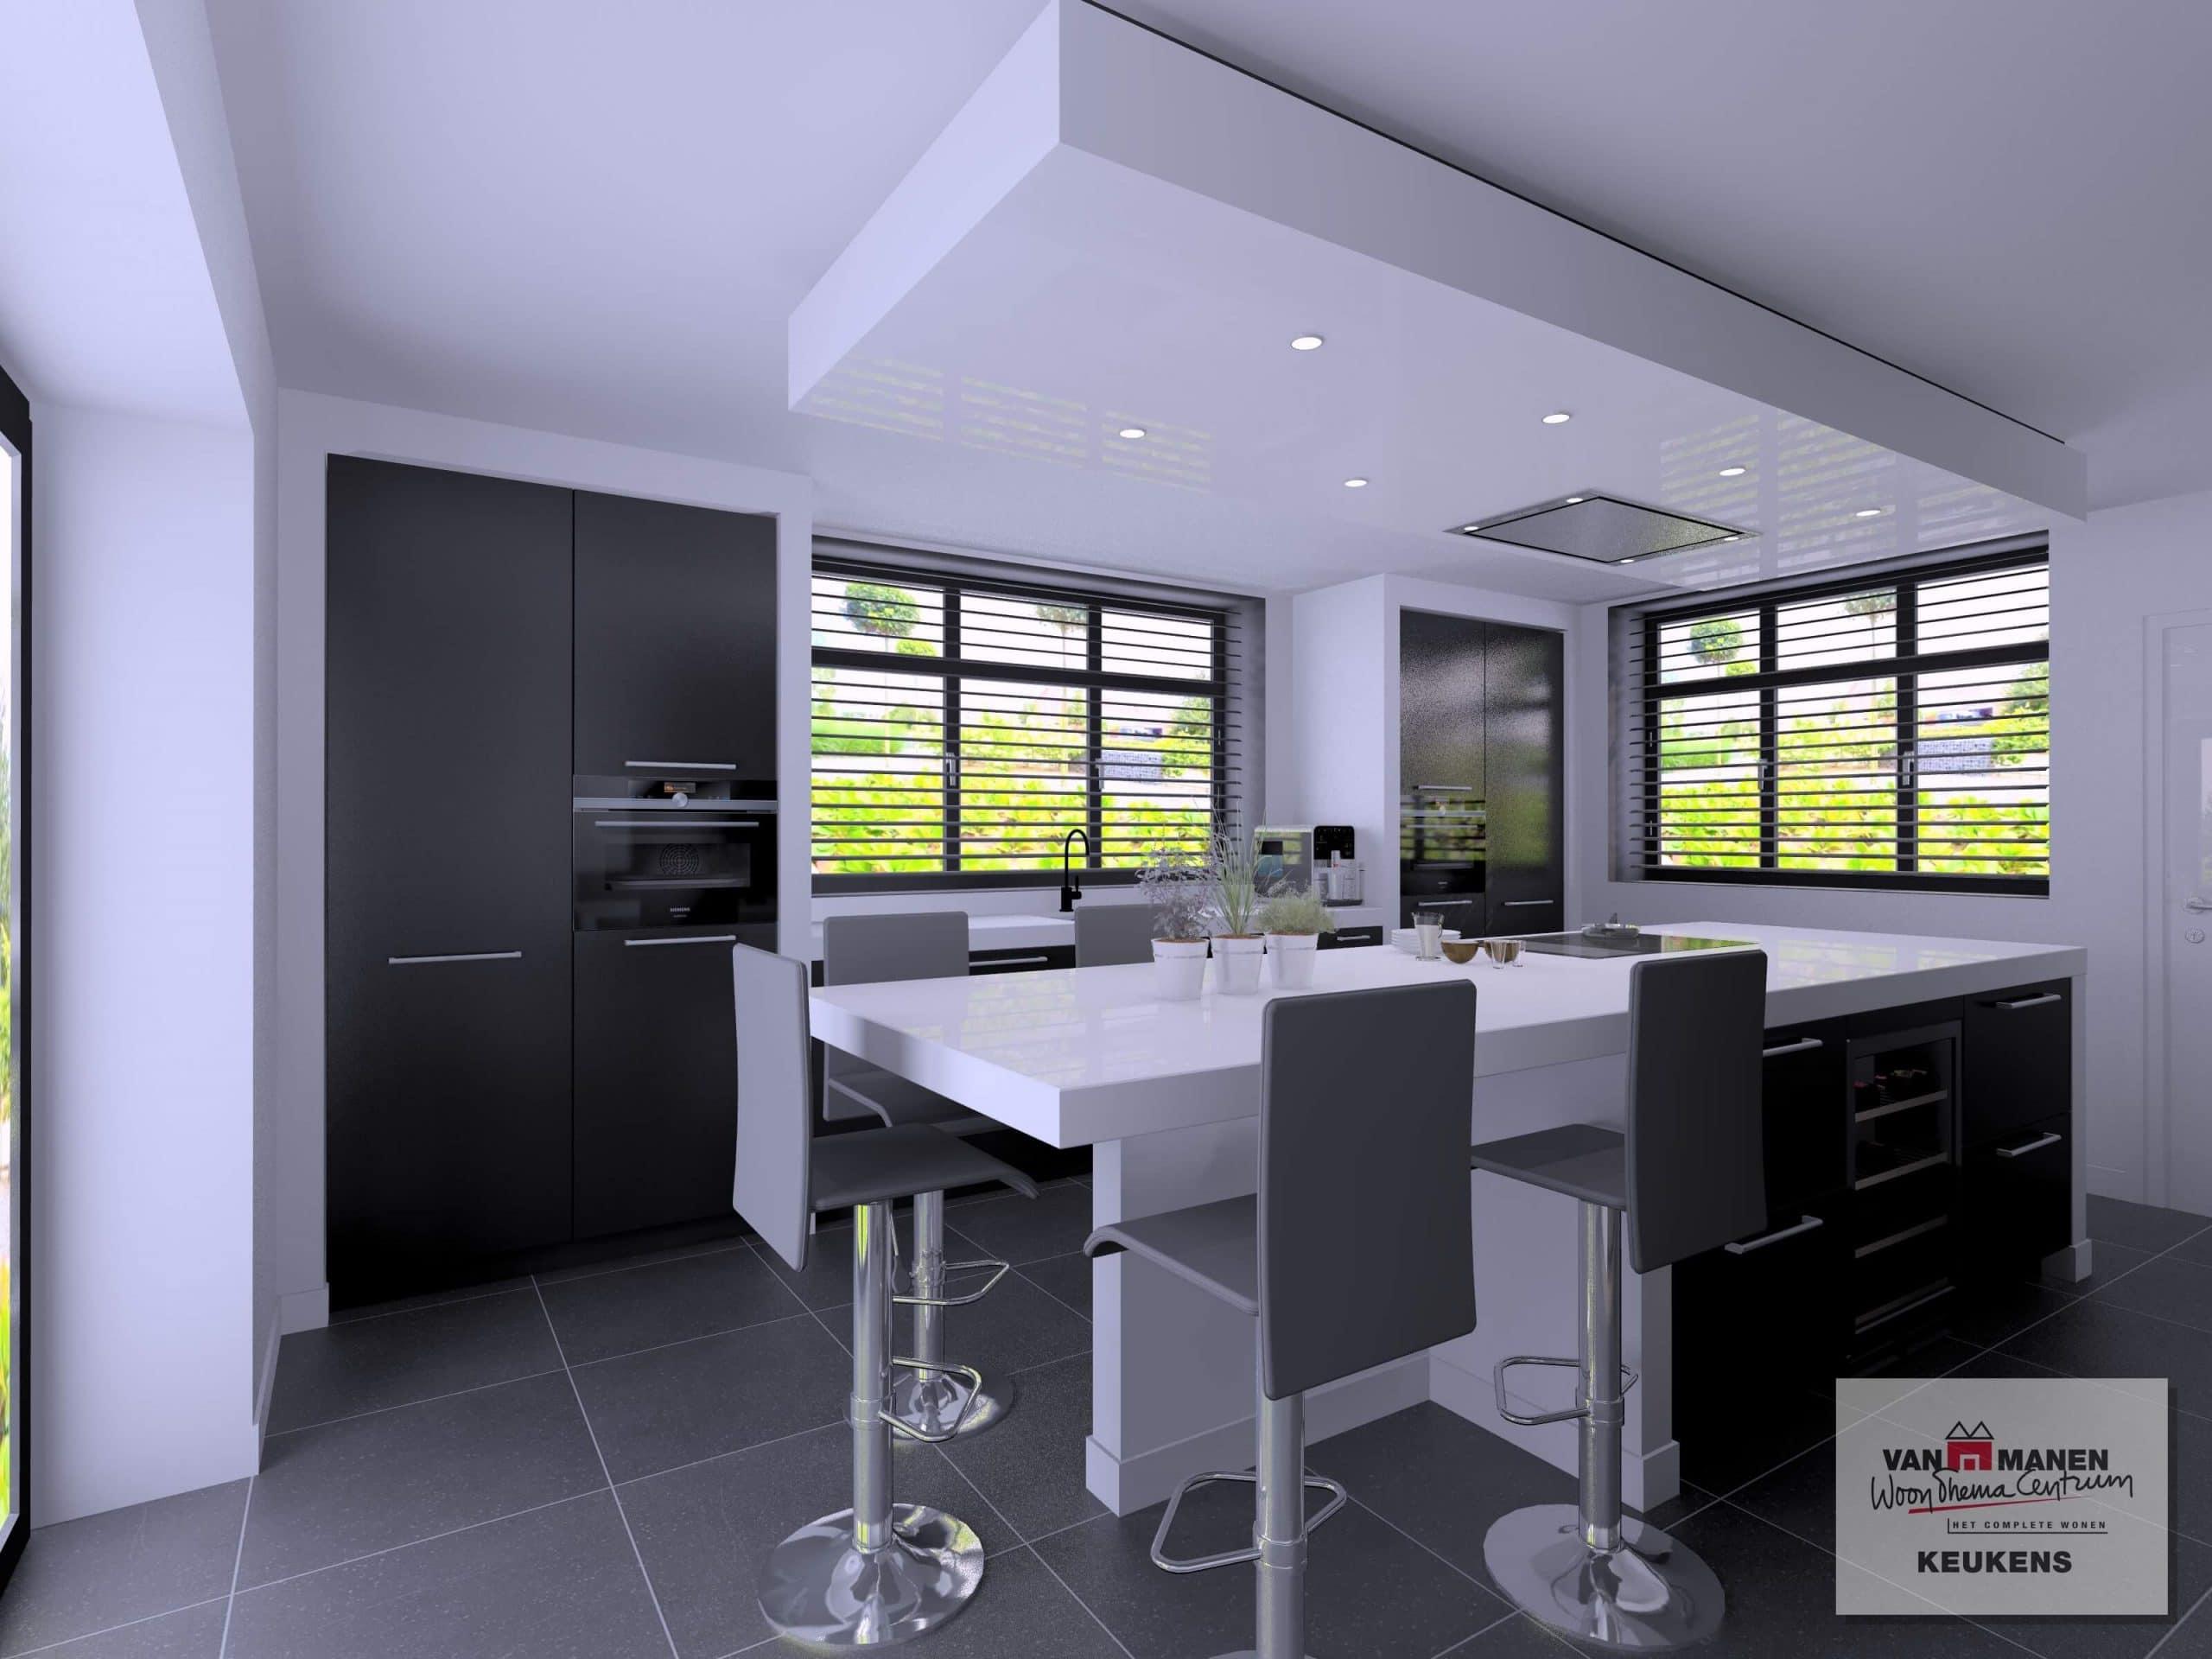 Virtueel kijkje in de keuken